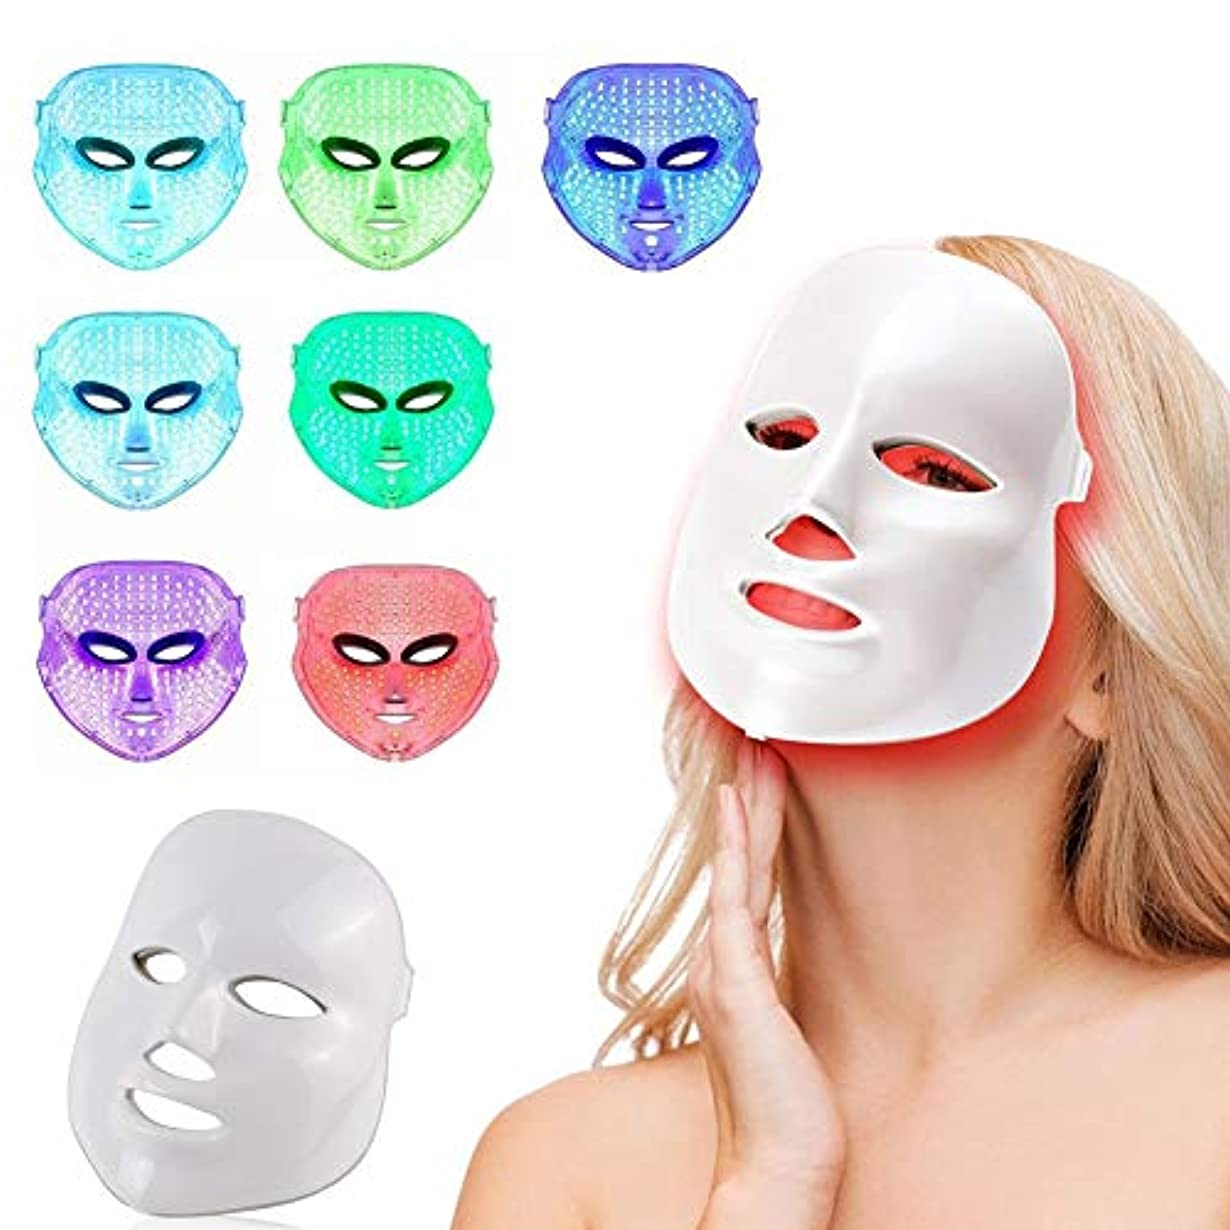 略奪ソーシャル魅力的であることへのアピール7色LEDフェイスマスク、健康な肌の若返りのための光子光療法、フェイシャルスキンケア、アンチエイジングビューティー